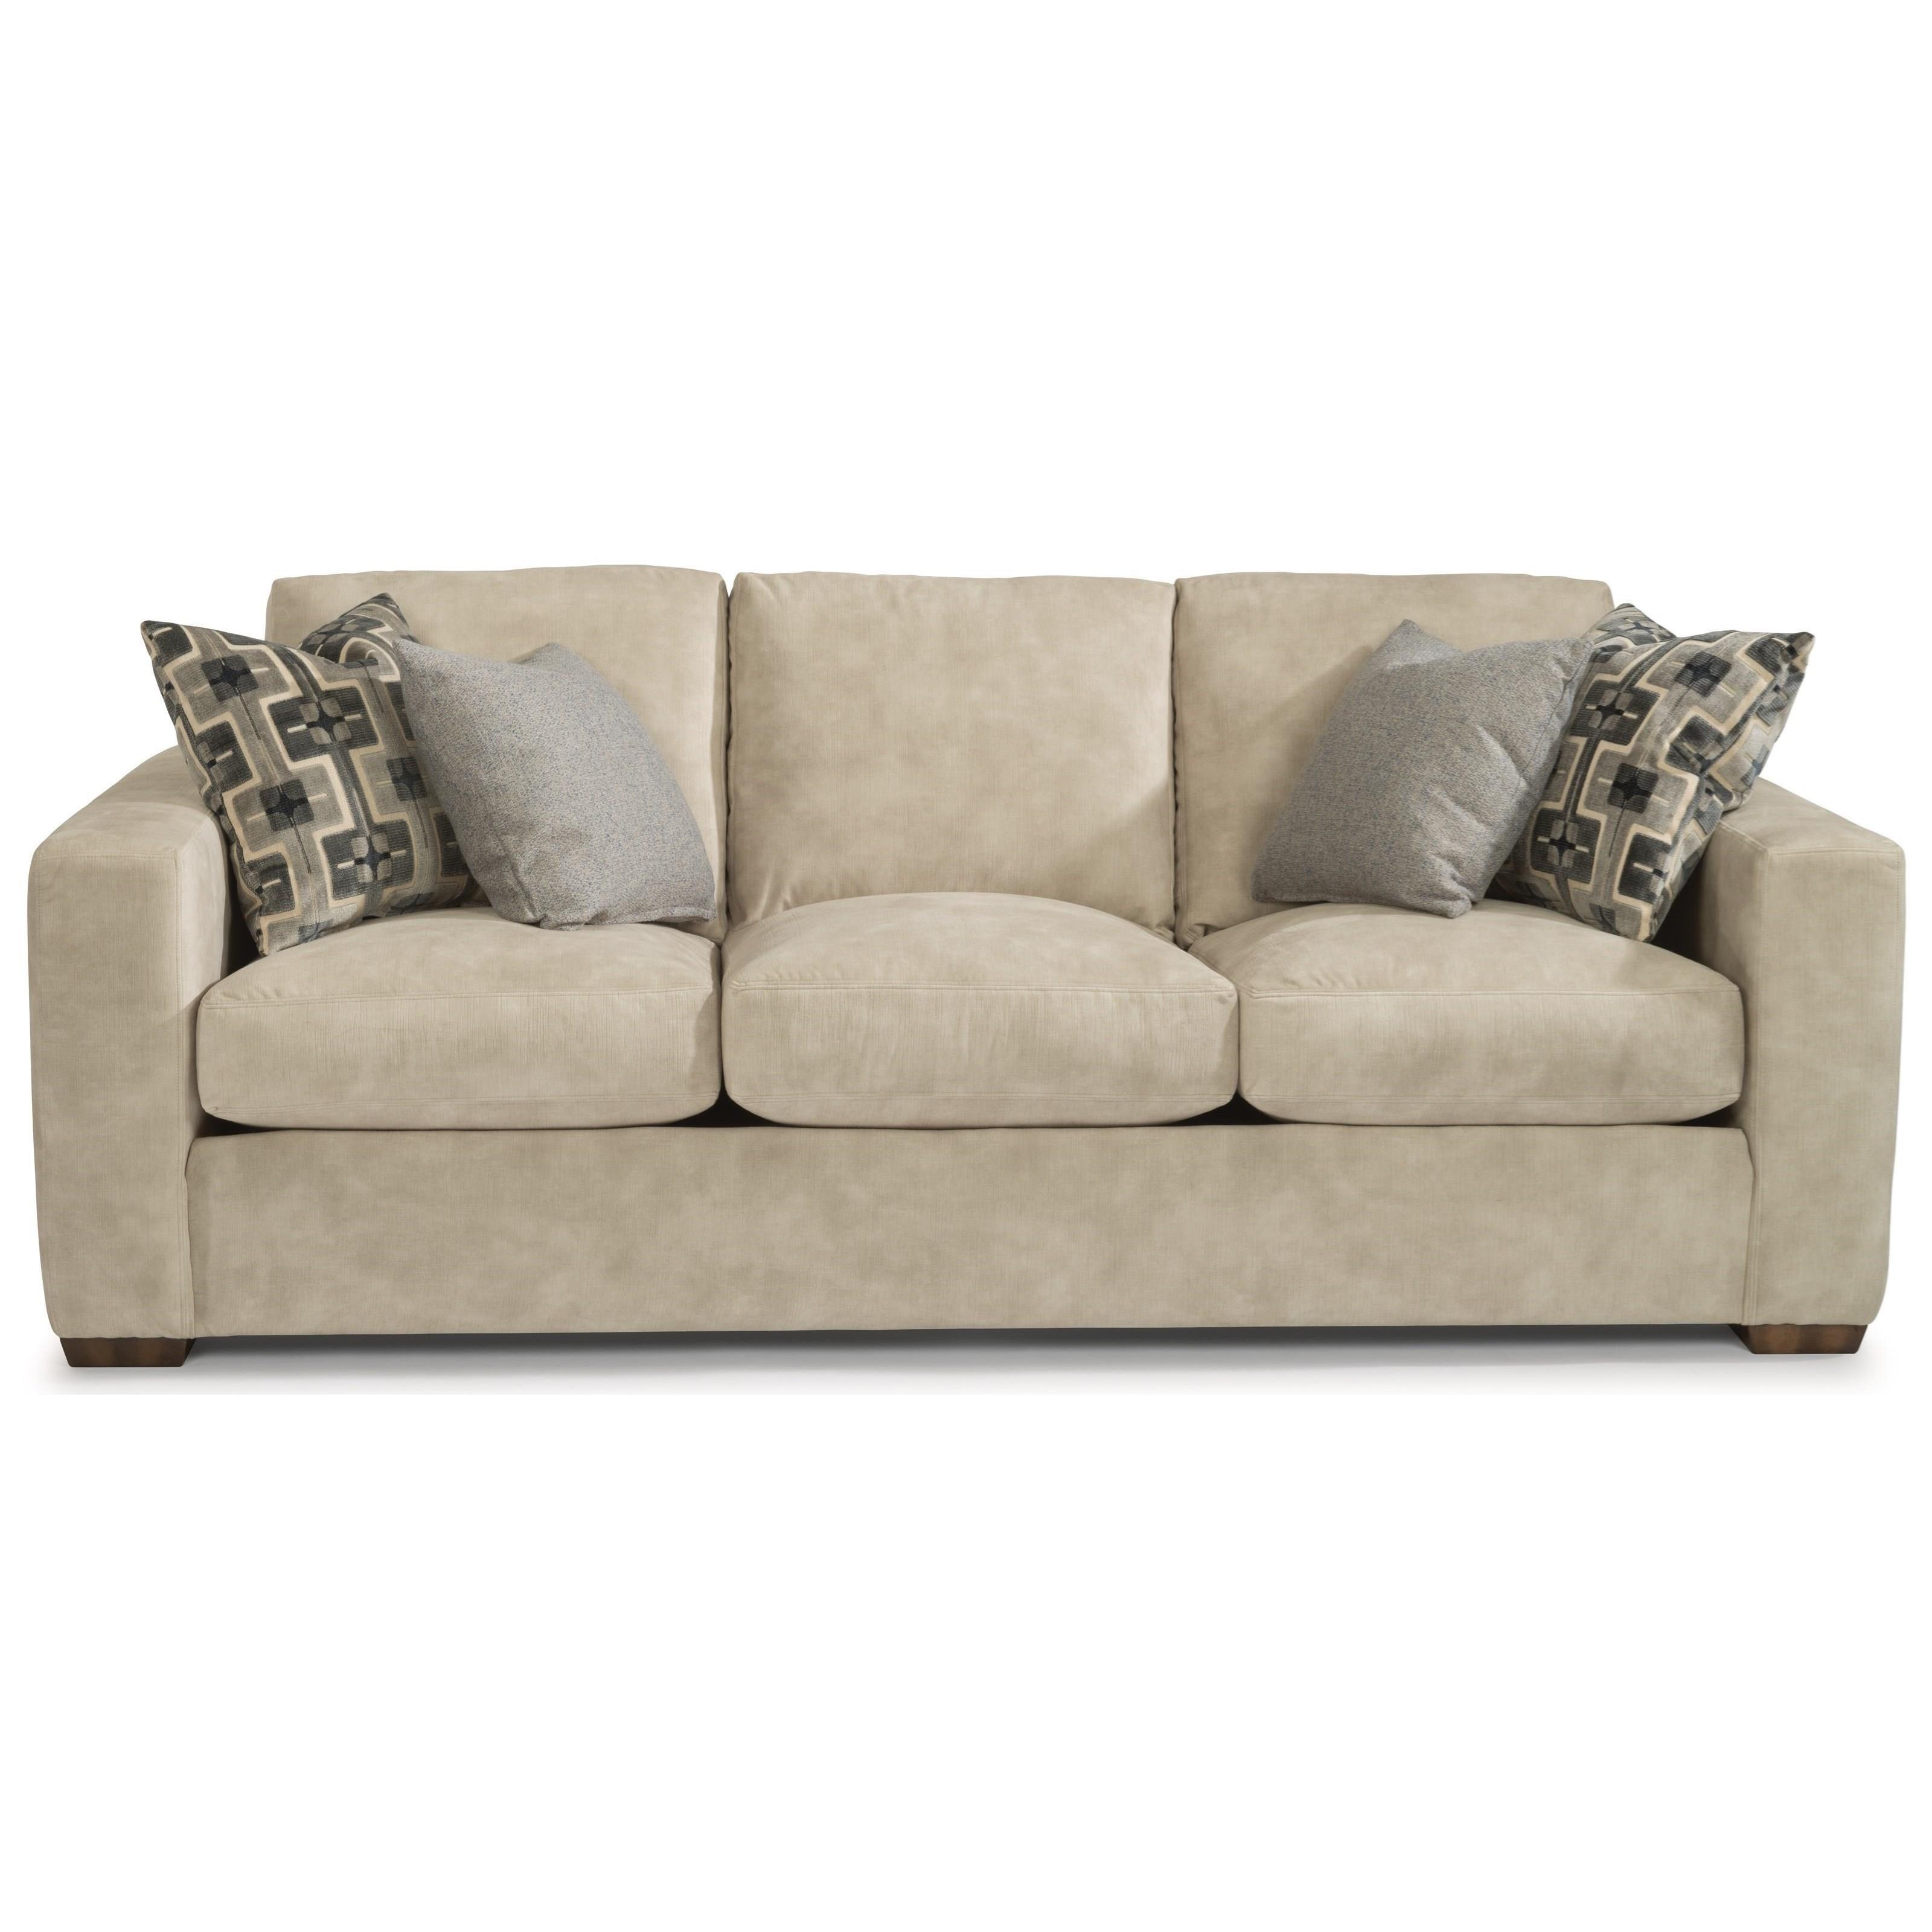 Flexsteel Furniture: Flexsteel Collins 7107-31 Casual Three-Cushion Sofa With